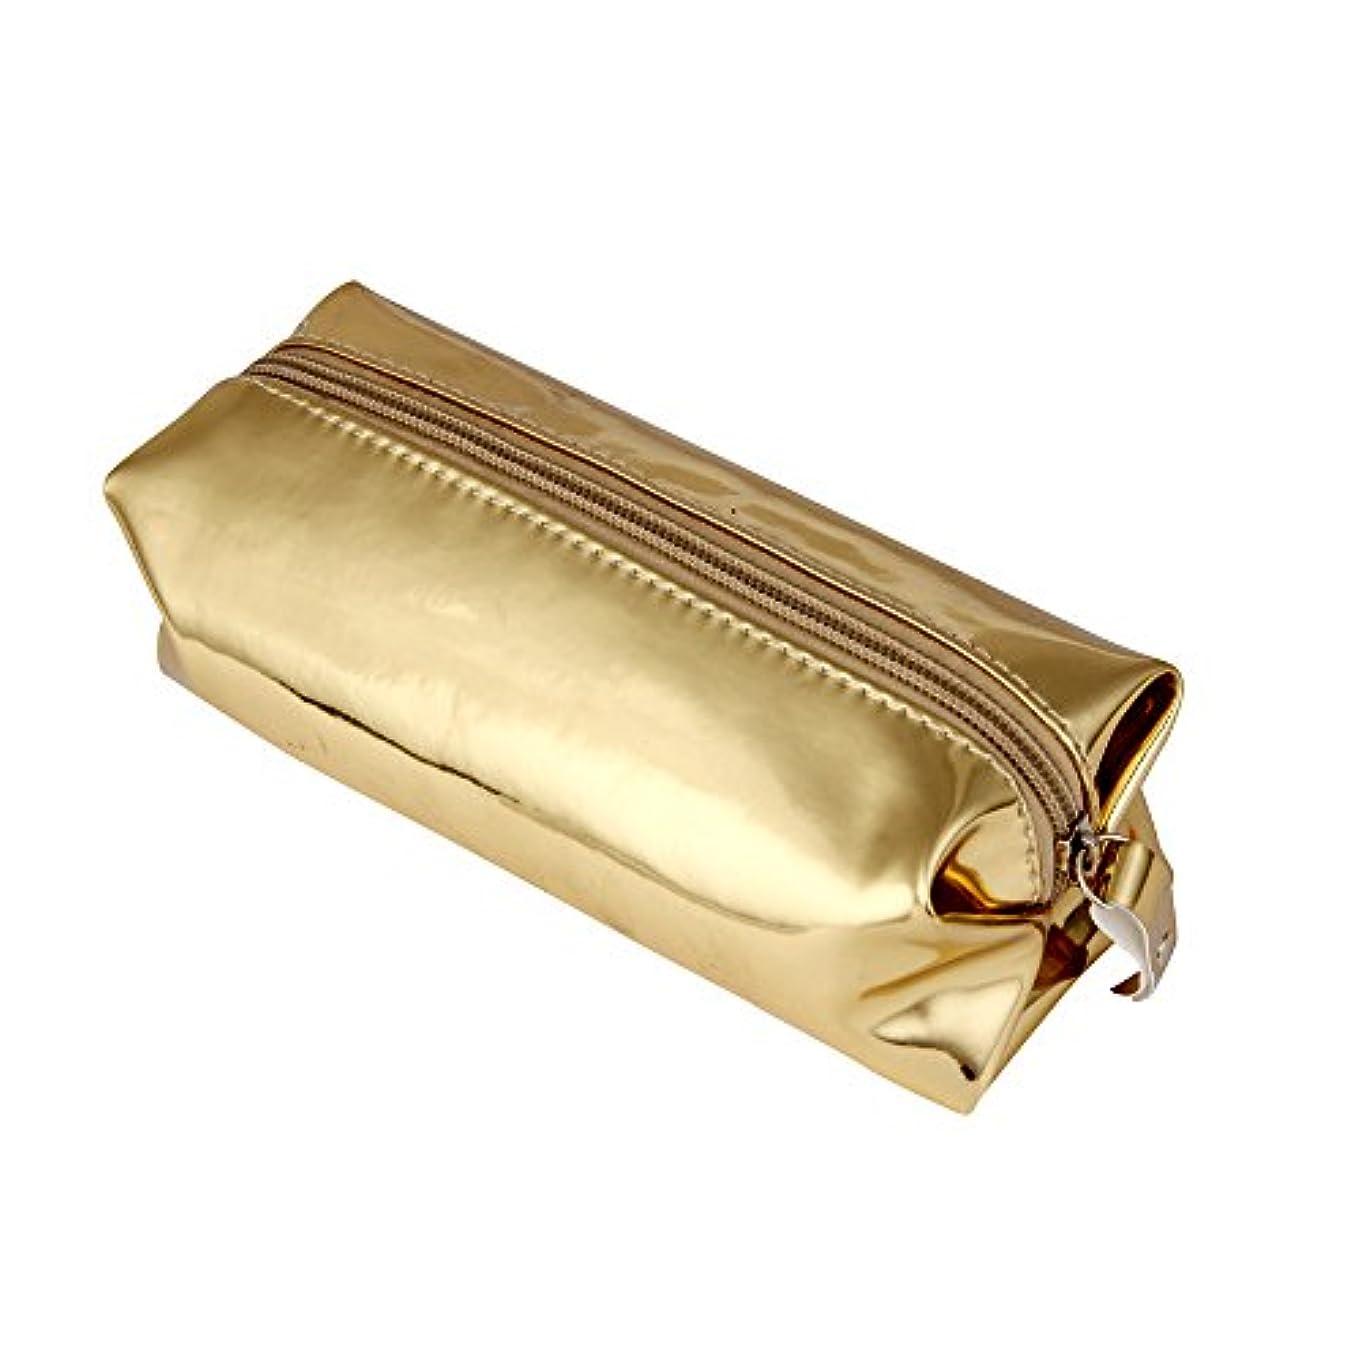 九月間違えた発明メイクポーチ Akane 超ファッション きらきら レーザー 直方体 オシャレ 人気 多機能 便利 防水 パーティー 旅行 収納袋 化粧ポーチ(5色) (ゴールド)